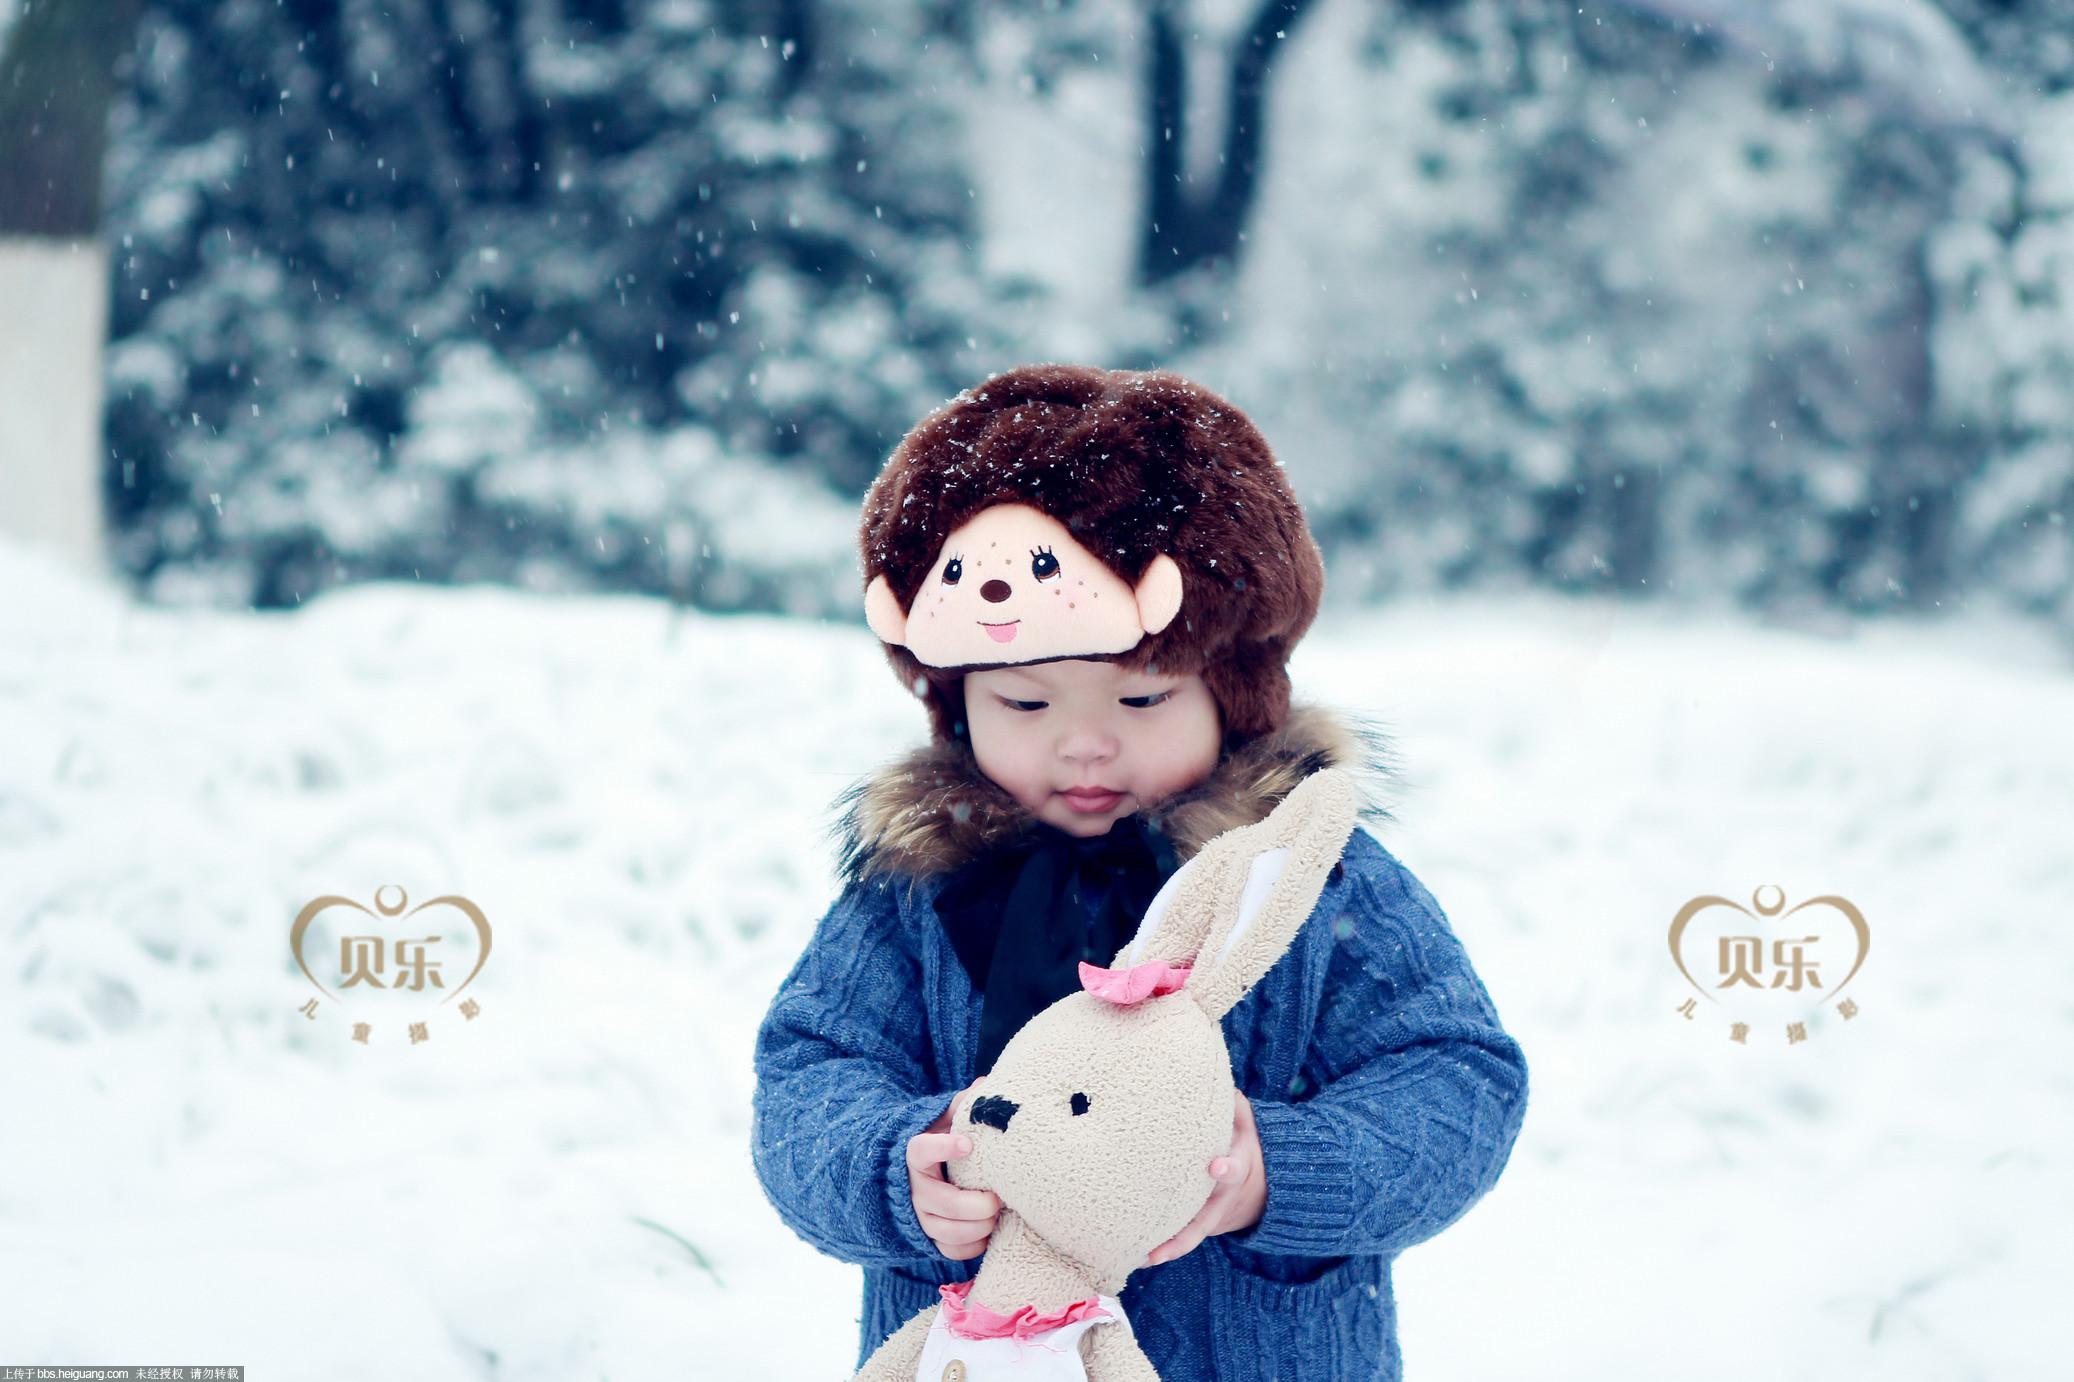 杭州贝乐韩式儿童摄影——邀您一同拍雪景